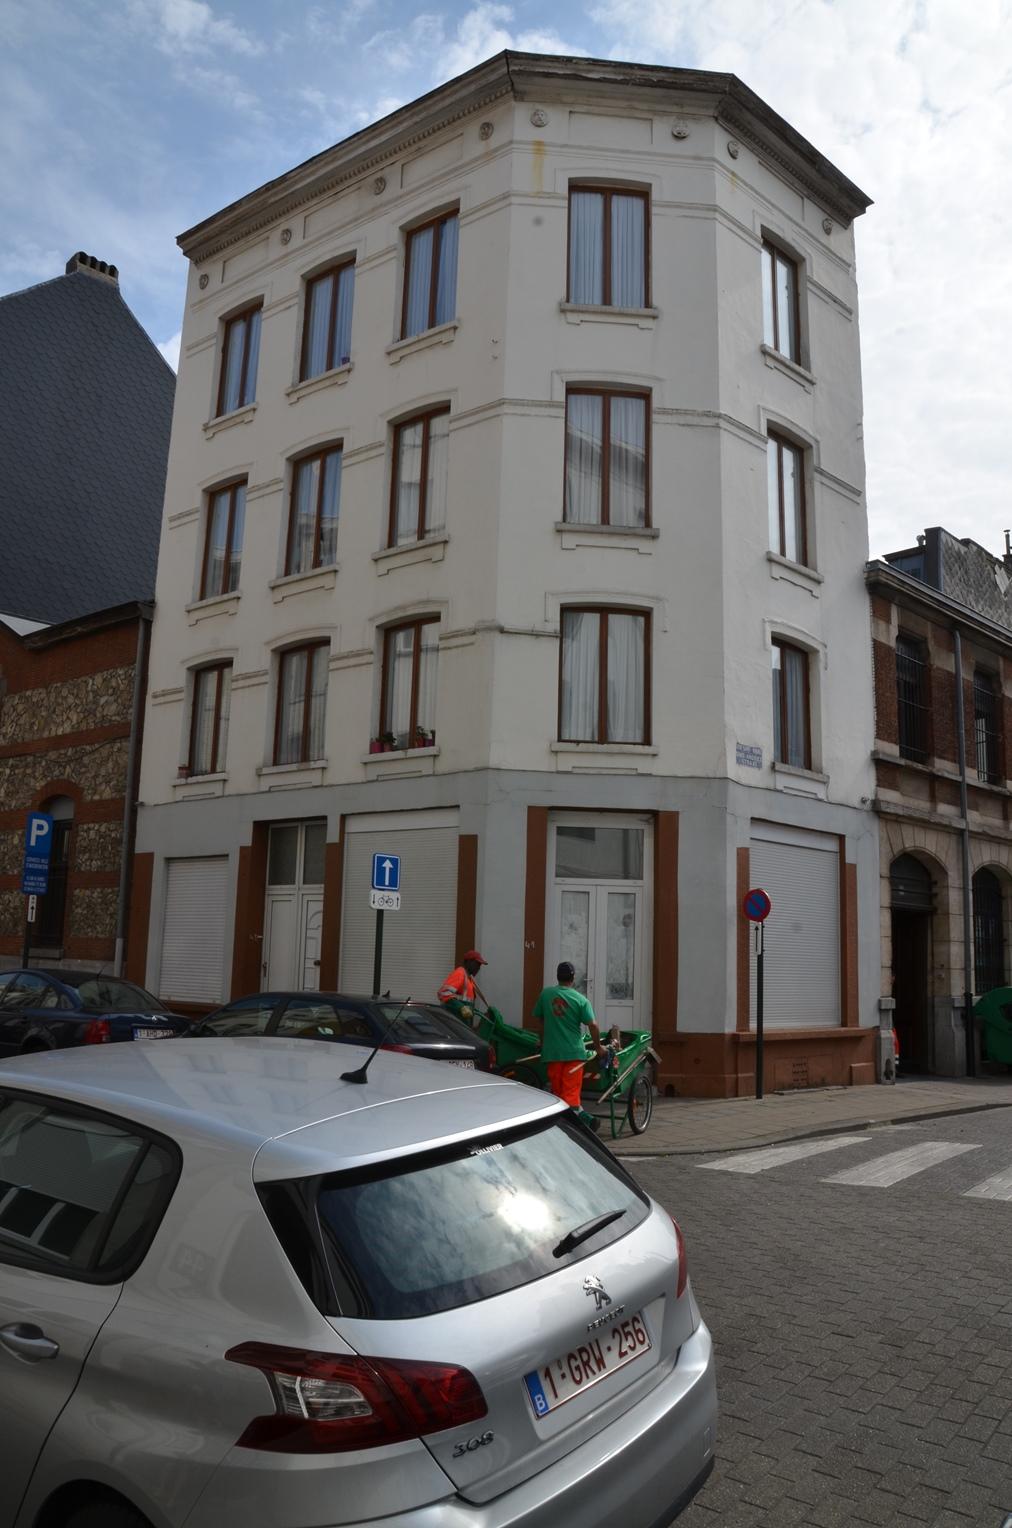 Rue d'Ophem 41-43, 2015